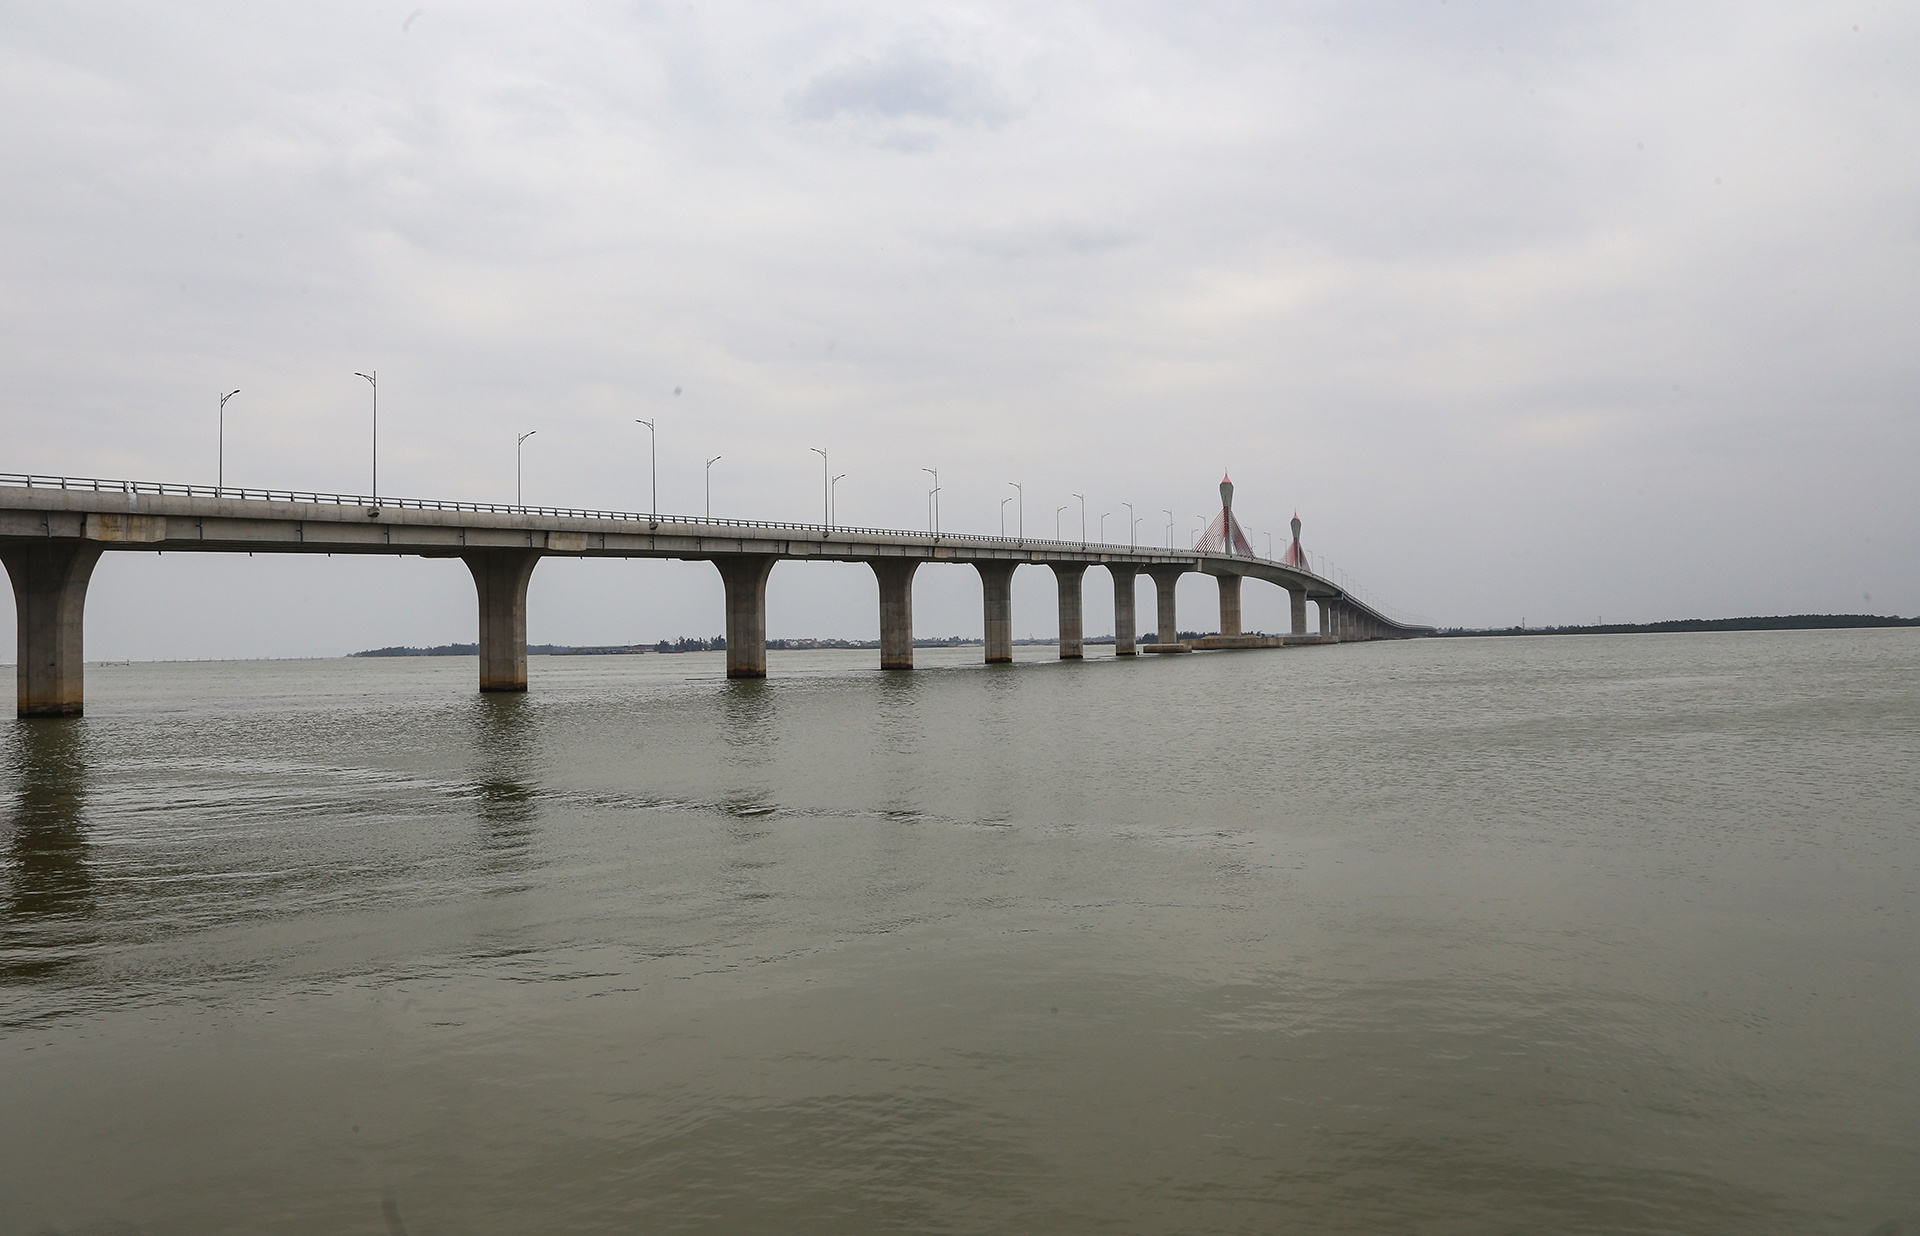 Theo dự kiến ngày 18/1 sẽ diễn ra lễ khánh thành, thông xe Dự án đầu tư xây dựng cầu Cửa Hội bắc qua sông Lam, nối hai tỉnh Nghệ An - Hà Tĩnh.